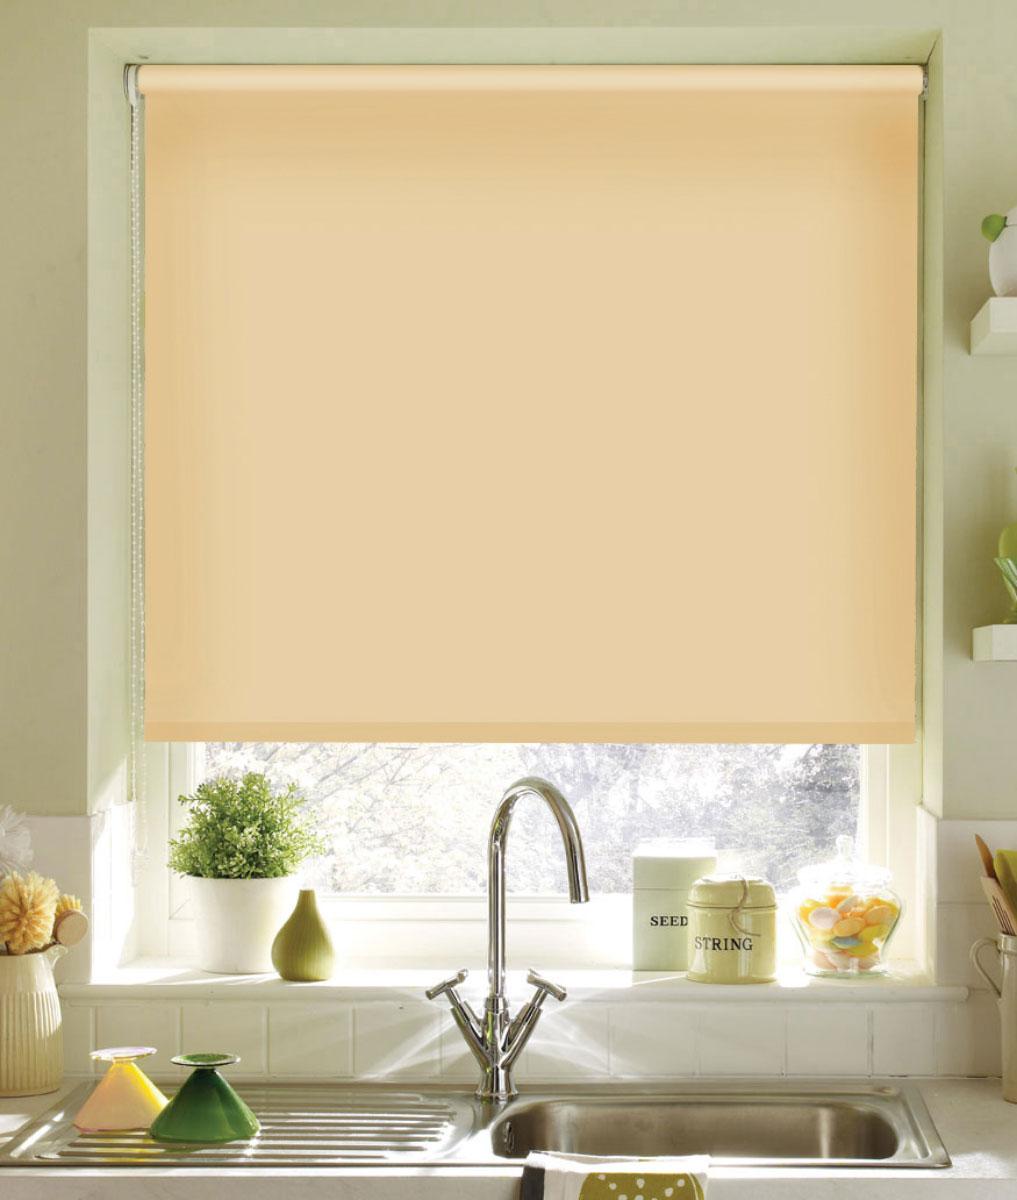 Миниролло KauffOrt 48х170 см, цвет: светлый абрикос3048112Рулонная штора Миниролло выполнена из высокопрочной ткани светло-абрикосового цвета, которая сохраняет свой размер даже при намокании. Ткань не выцветает и обладает отличной цветоустойчивостью. Миниролло - это подвид рулонных штор, который закрывает не весь оконный проем, а непосредственно само стекло. Такие шторы крепятся на раму без сверления при помощи зажимов или клейкой двухсторонней ленты. Окно остаётся на гарантии, благодаря монтажу без сверления. Такая штора станет прекрасным элементом декора окна и гармонично впишется в интерьер любого помещения.